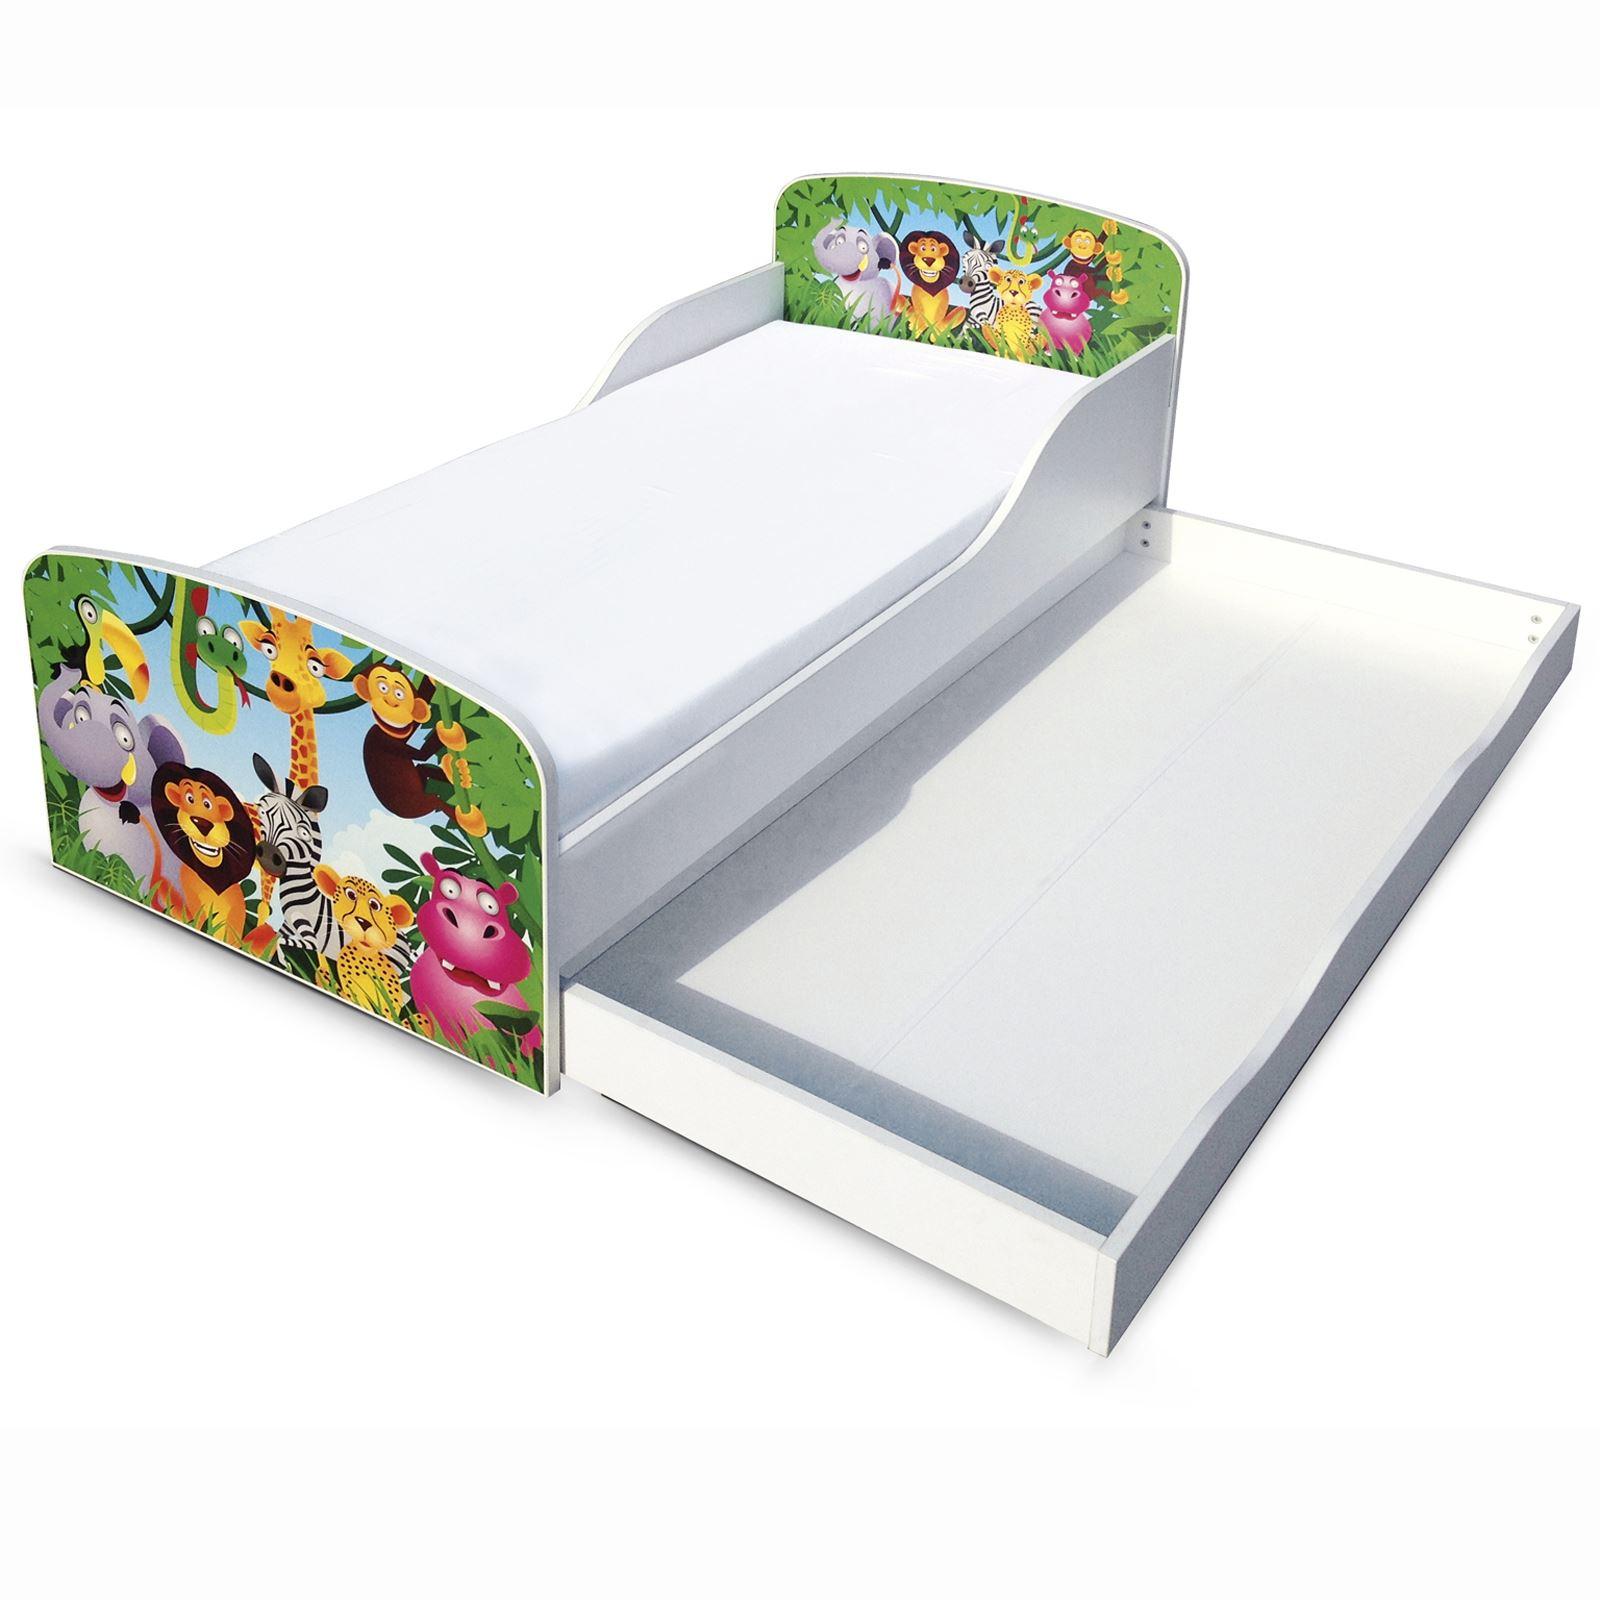 dschungel mdf kleinkind bett mit unterbett aufbewahrung. Black Bedroom Furniture Sets. Home Design Ideas